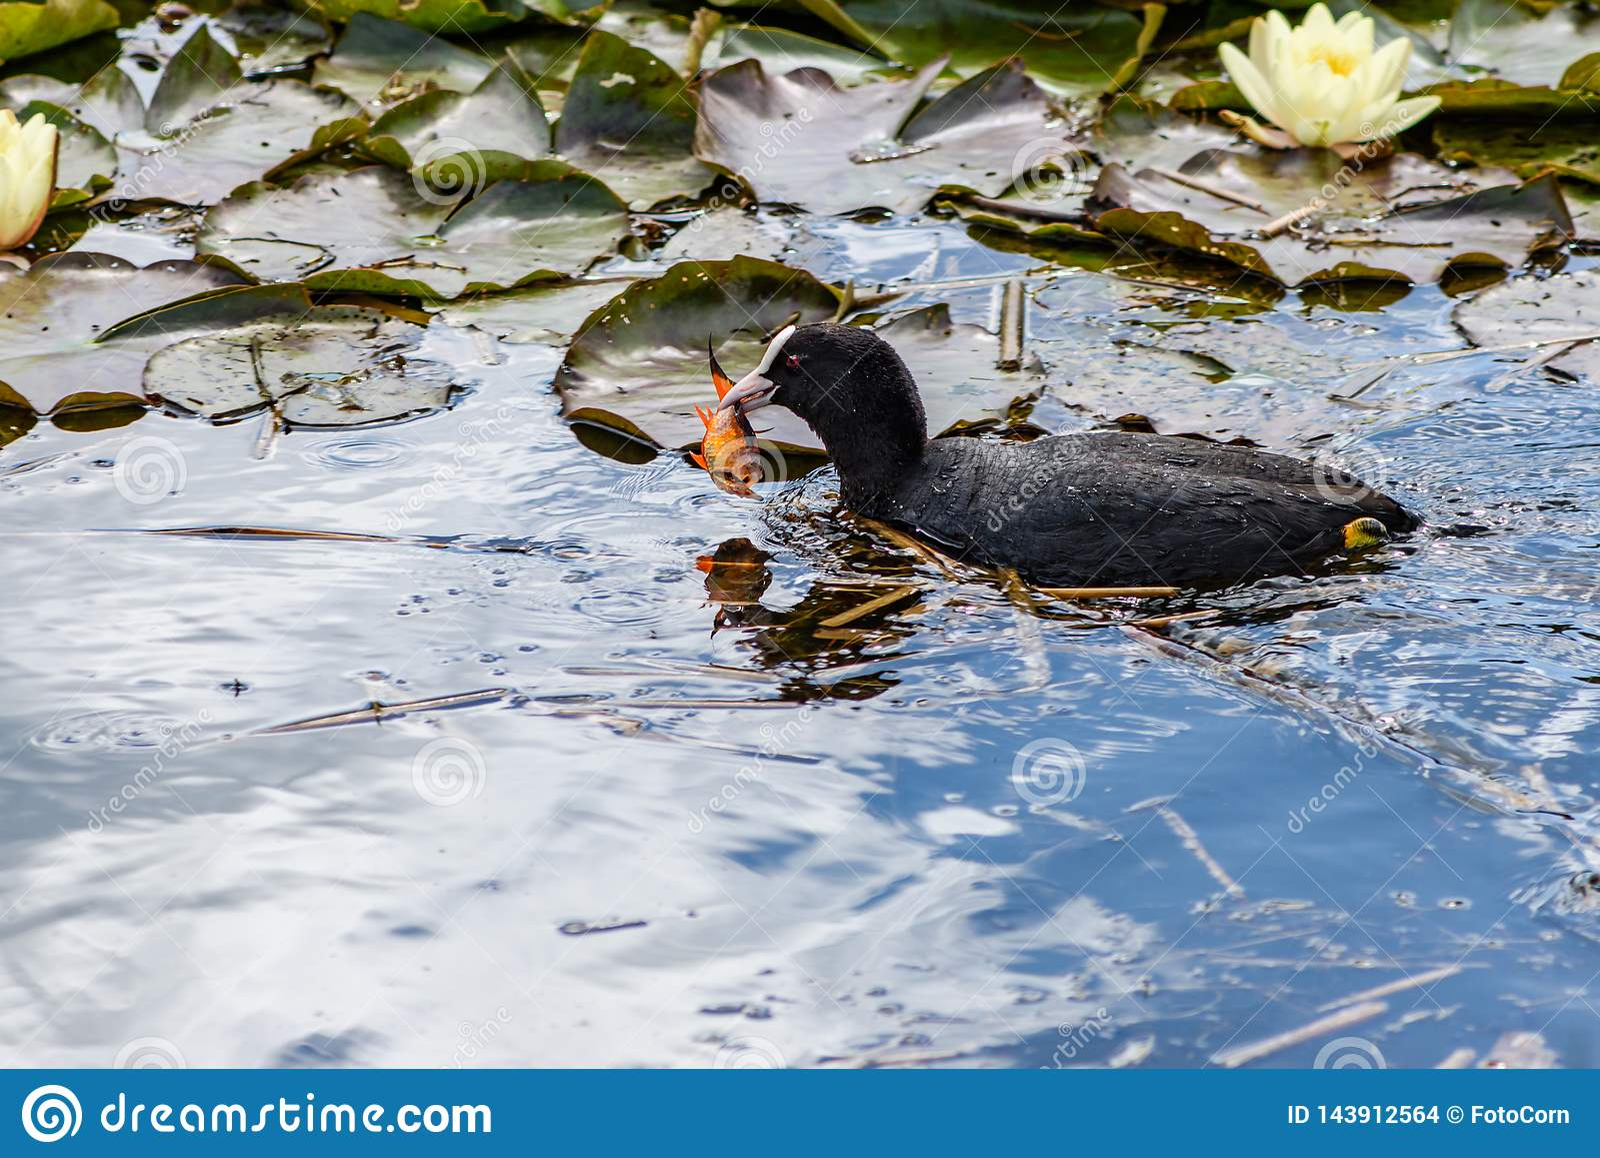 Mooie koet in een vijver met waterlelies en een goudvis in zijn bek